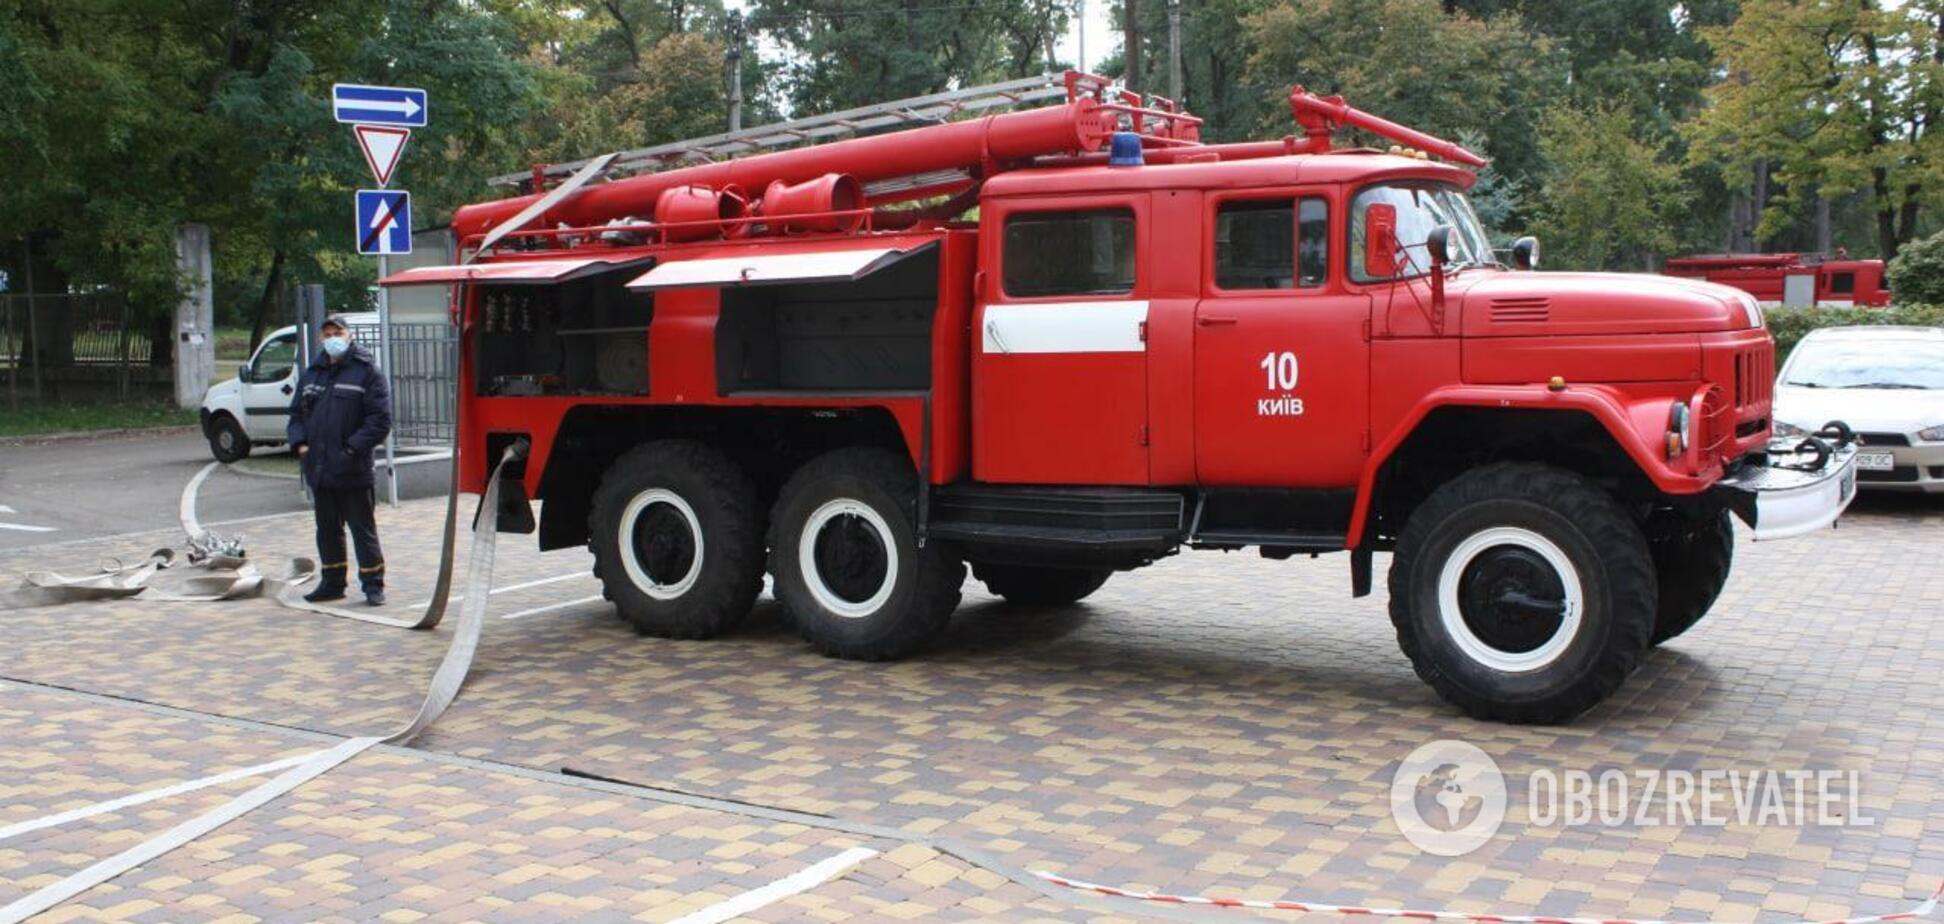 Пожежа в парку на Троєщині видно за кілька кілометрів